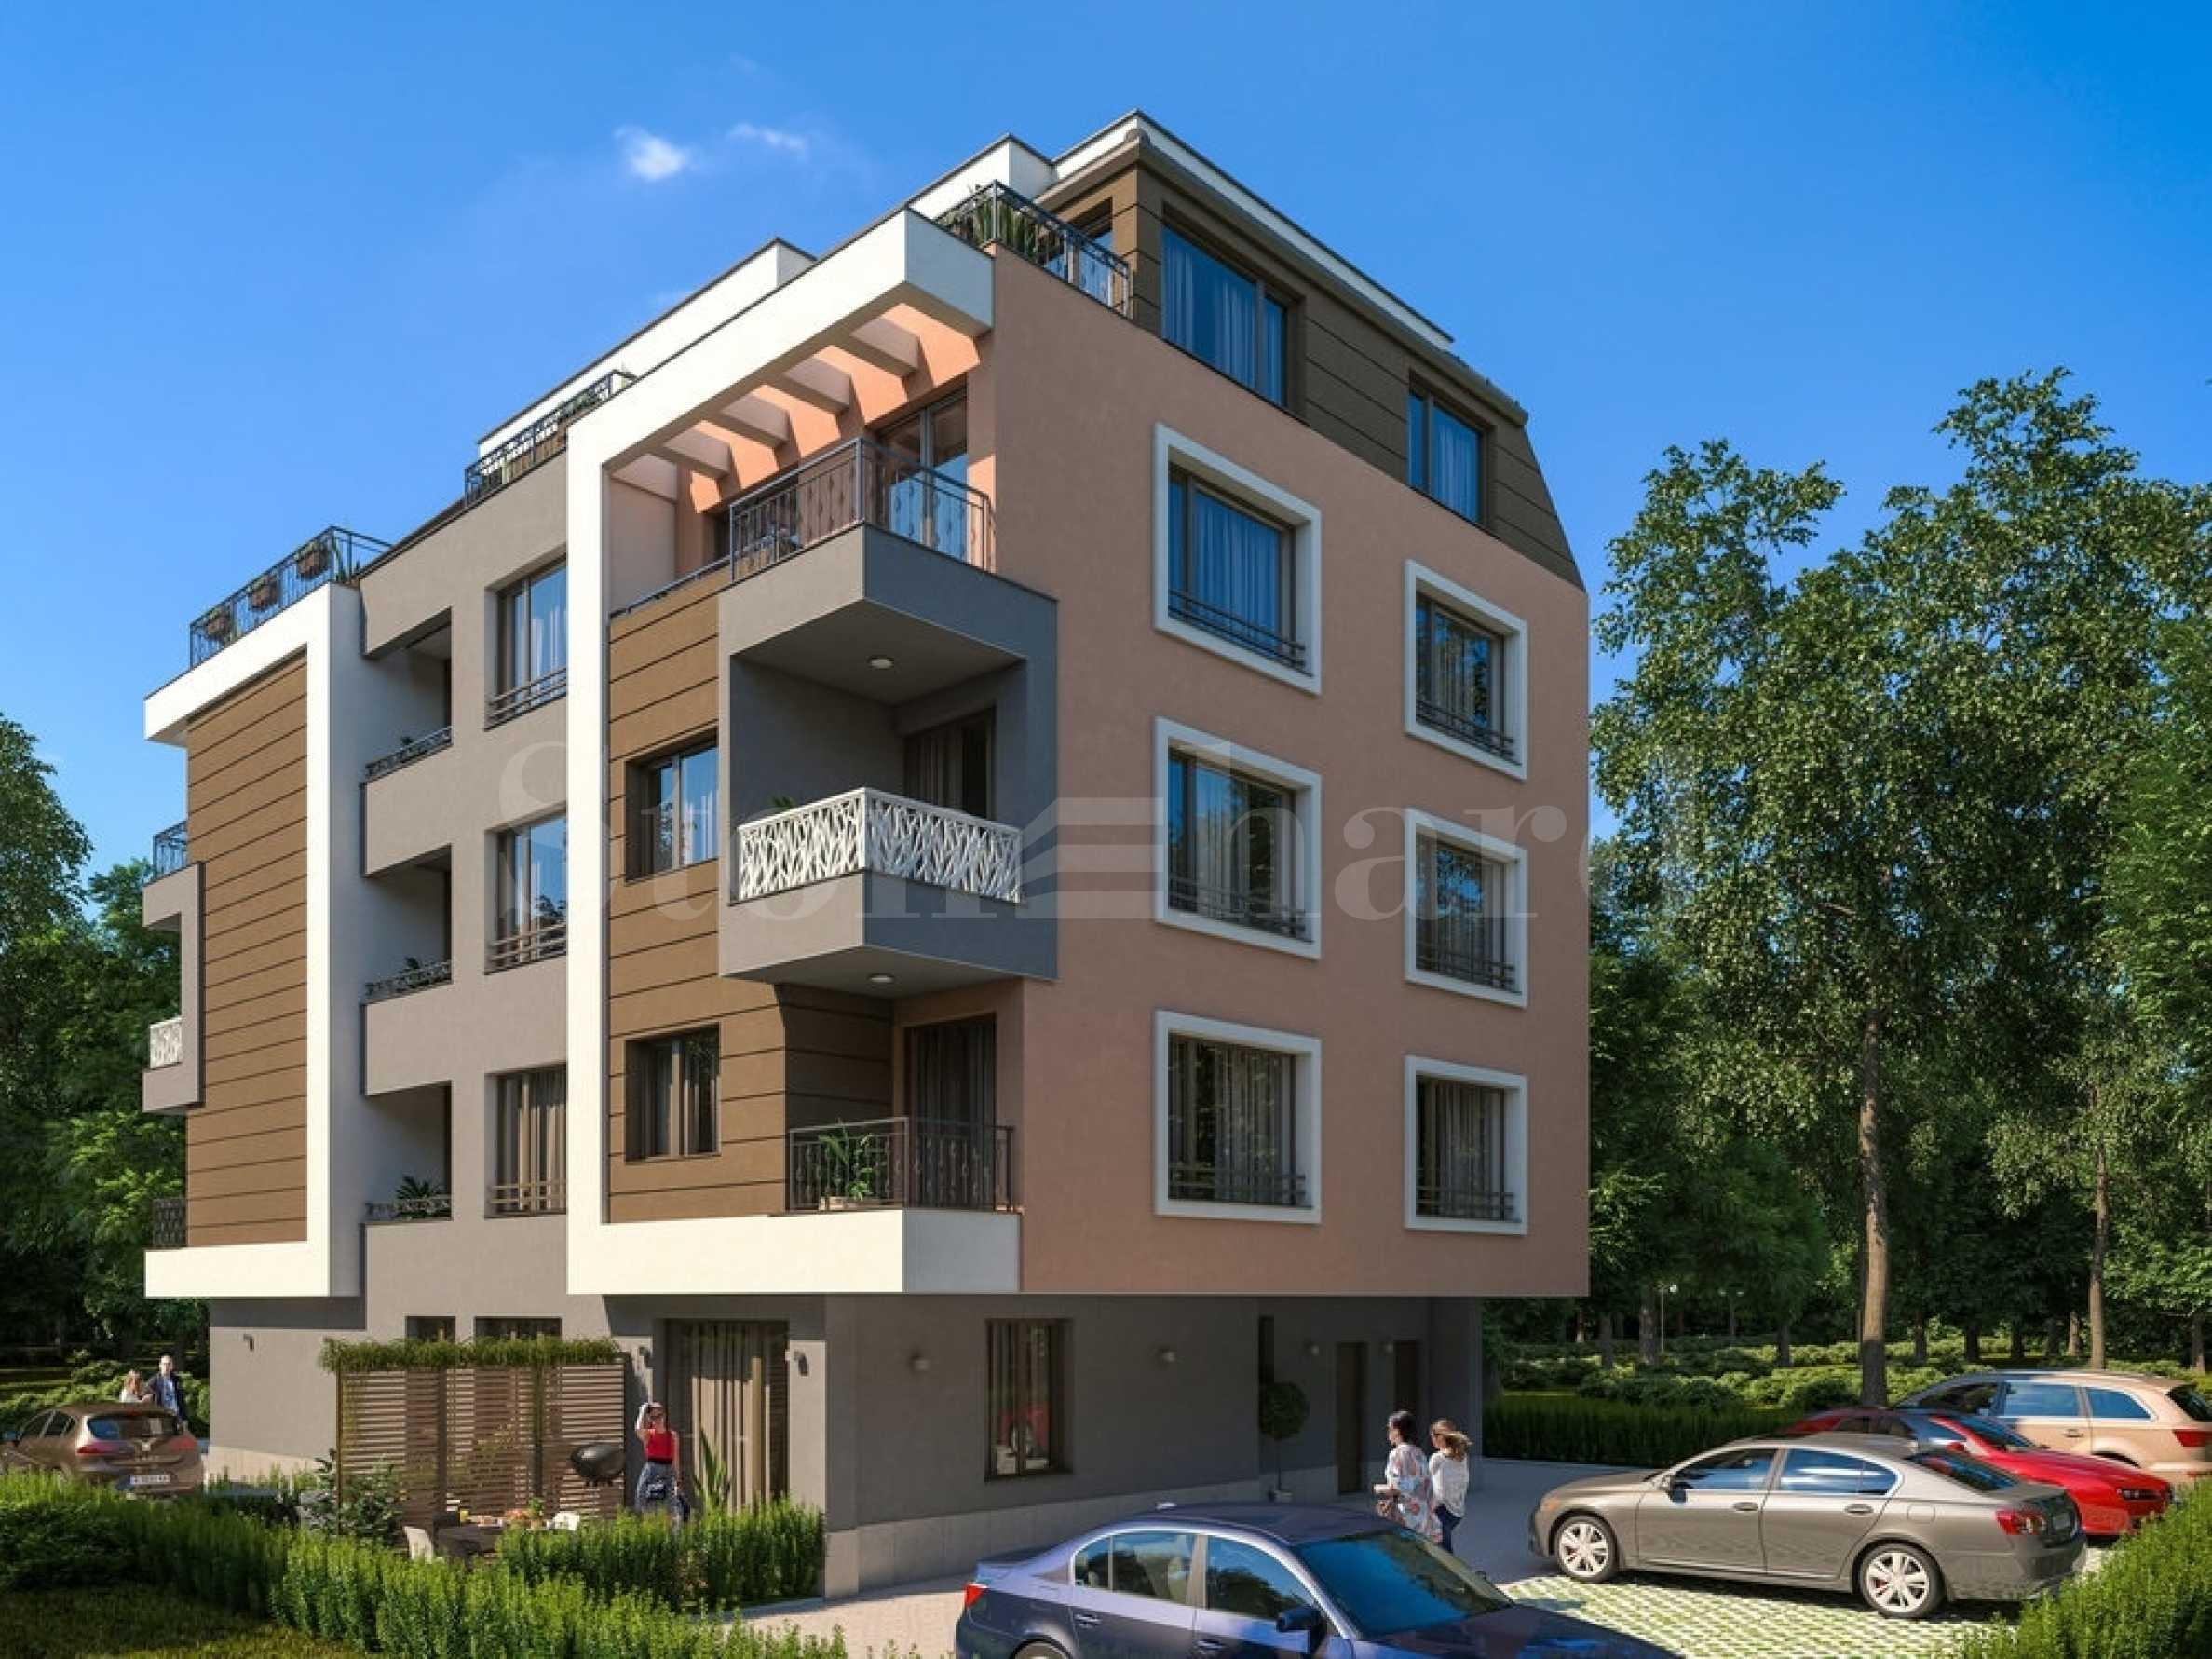 Апартаменти ново строителство на 100 метра от морето, кв. Сарафово1 - Stonehard